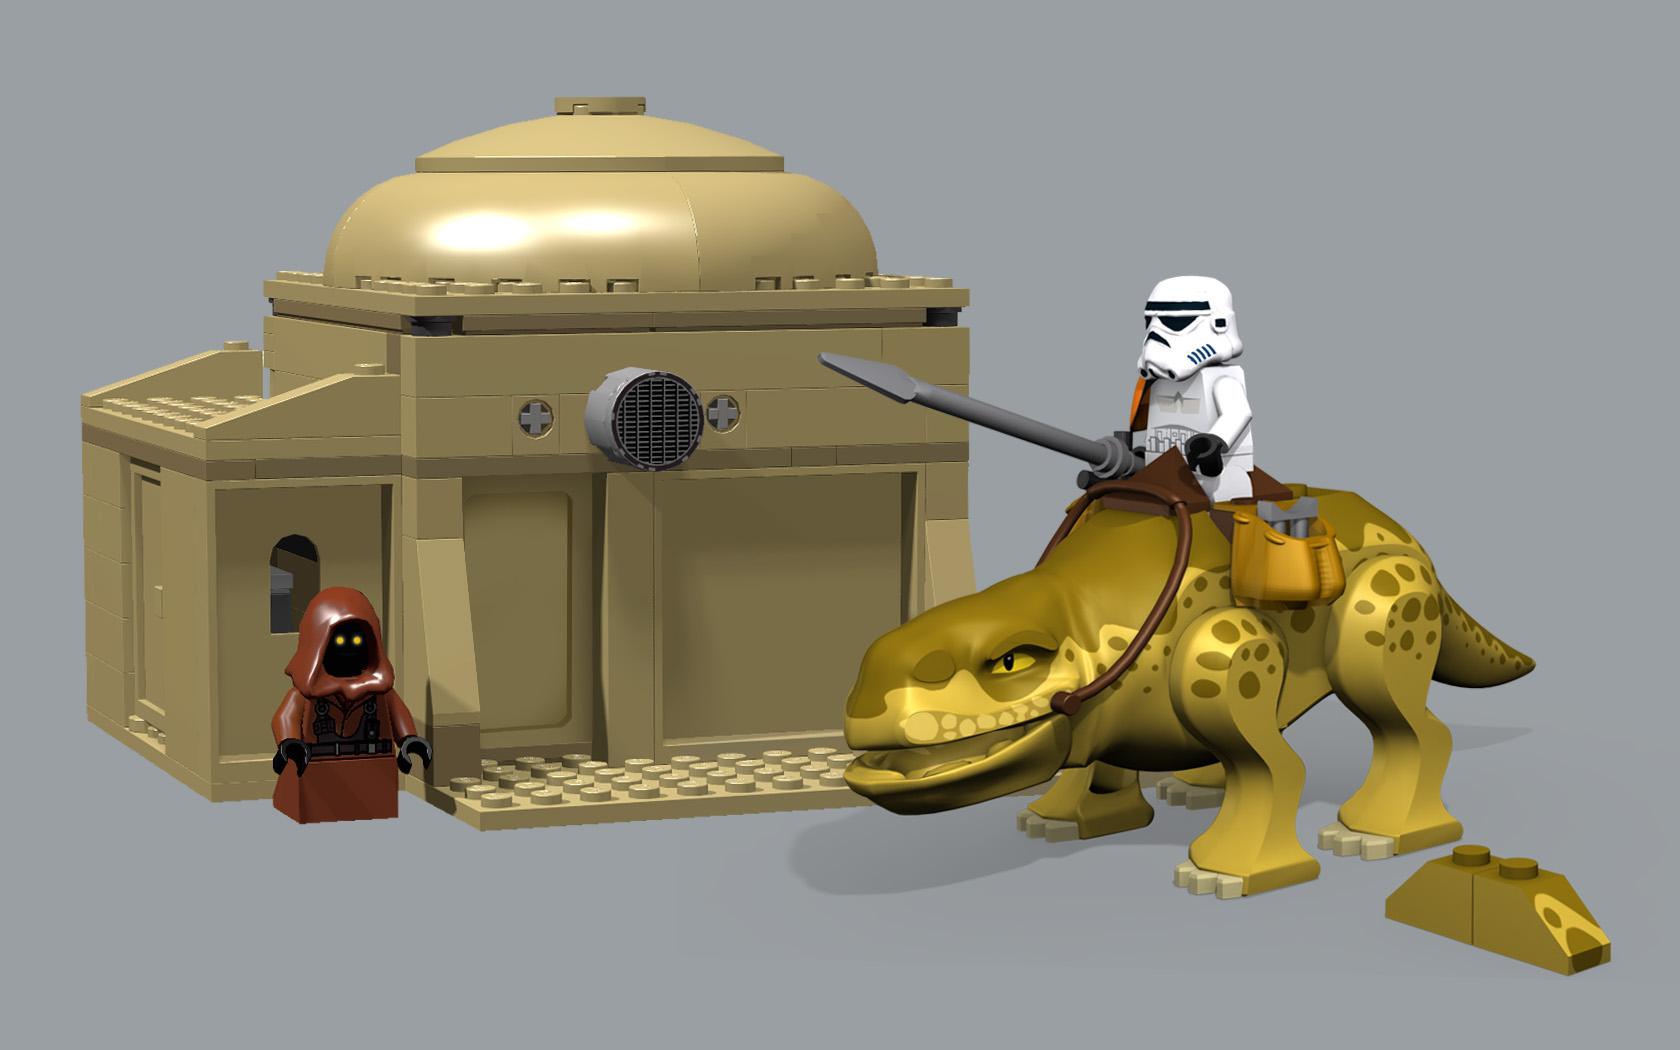 Wallpaper Star Wars Jawa Dewback Sandtrooper 1680x1050